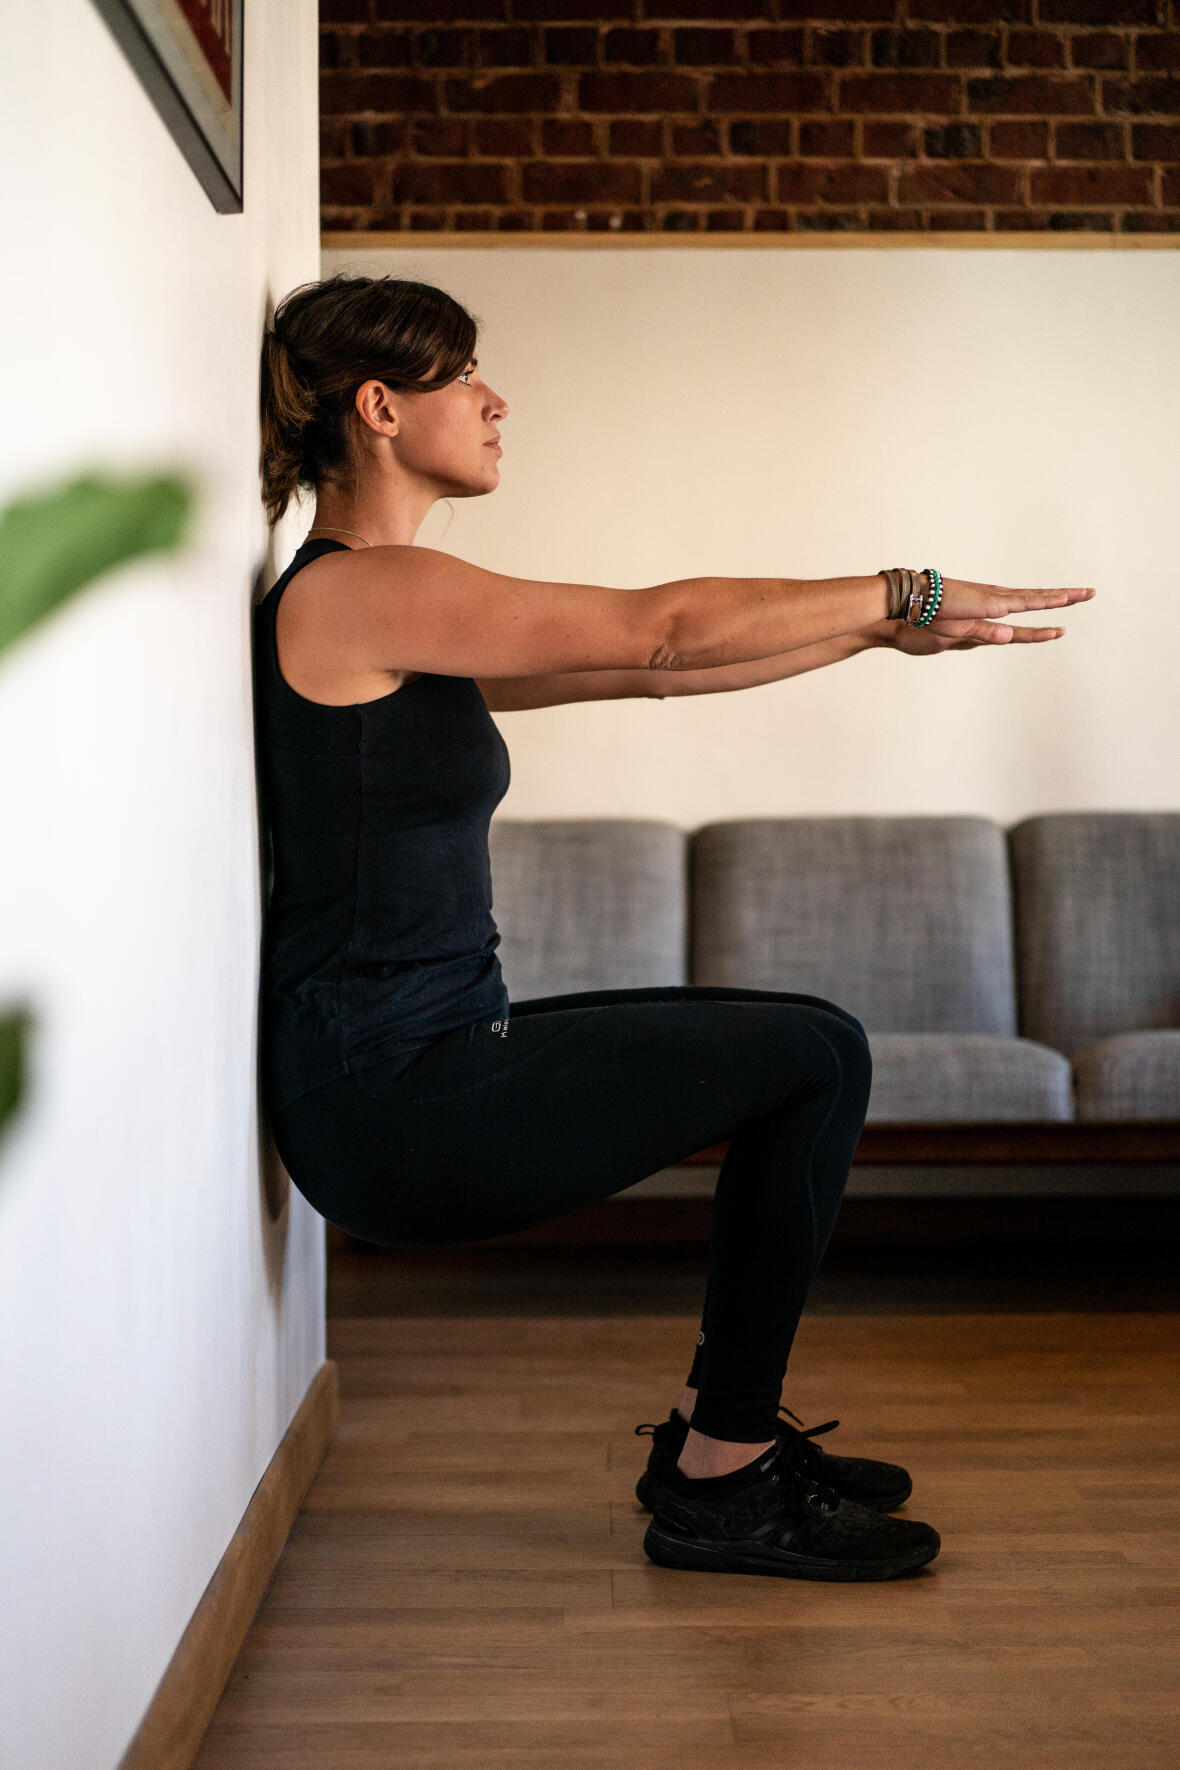 居家鍛鍊:把你的客廳變成健身房,輕鬆運動